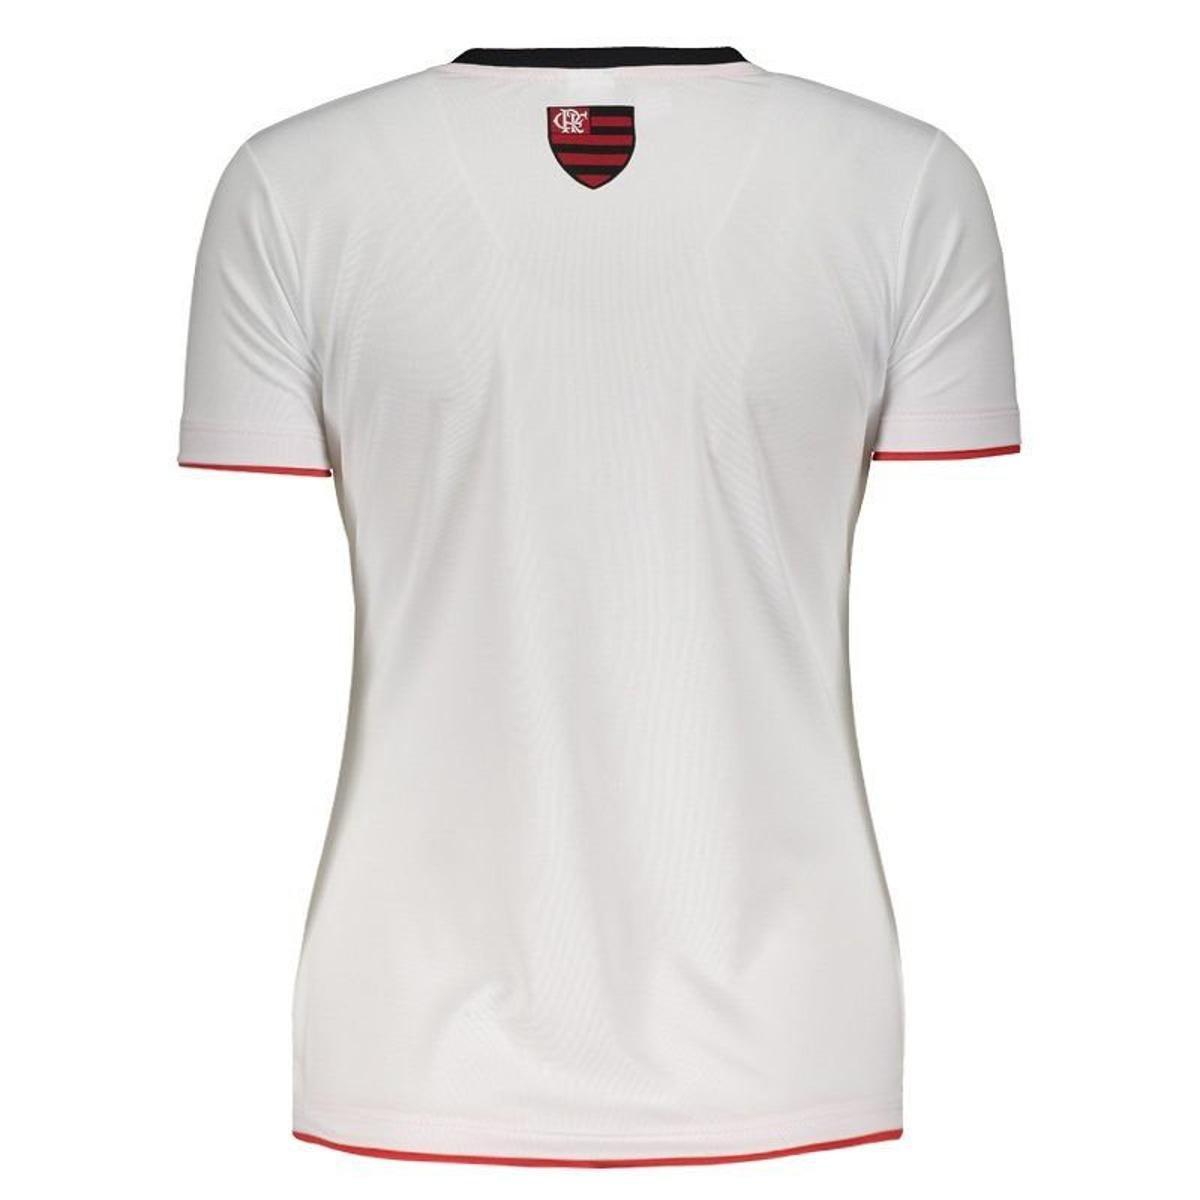 Camisa Flamengo Fire Feminina - Branco - Compre Agora  c8e8951a87065